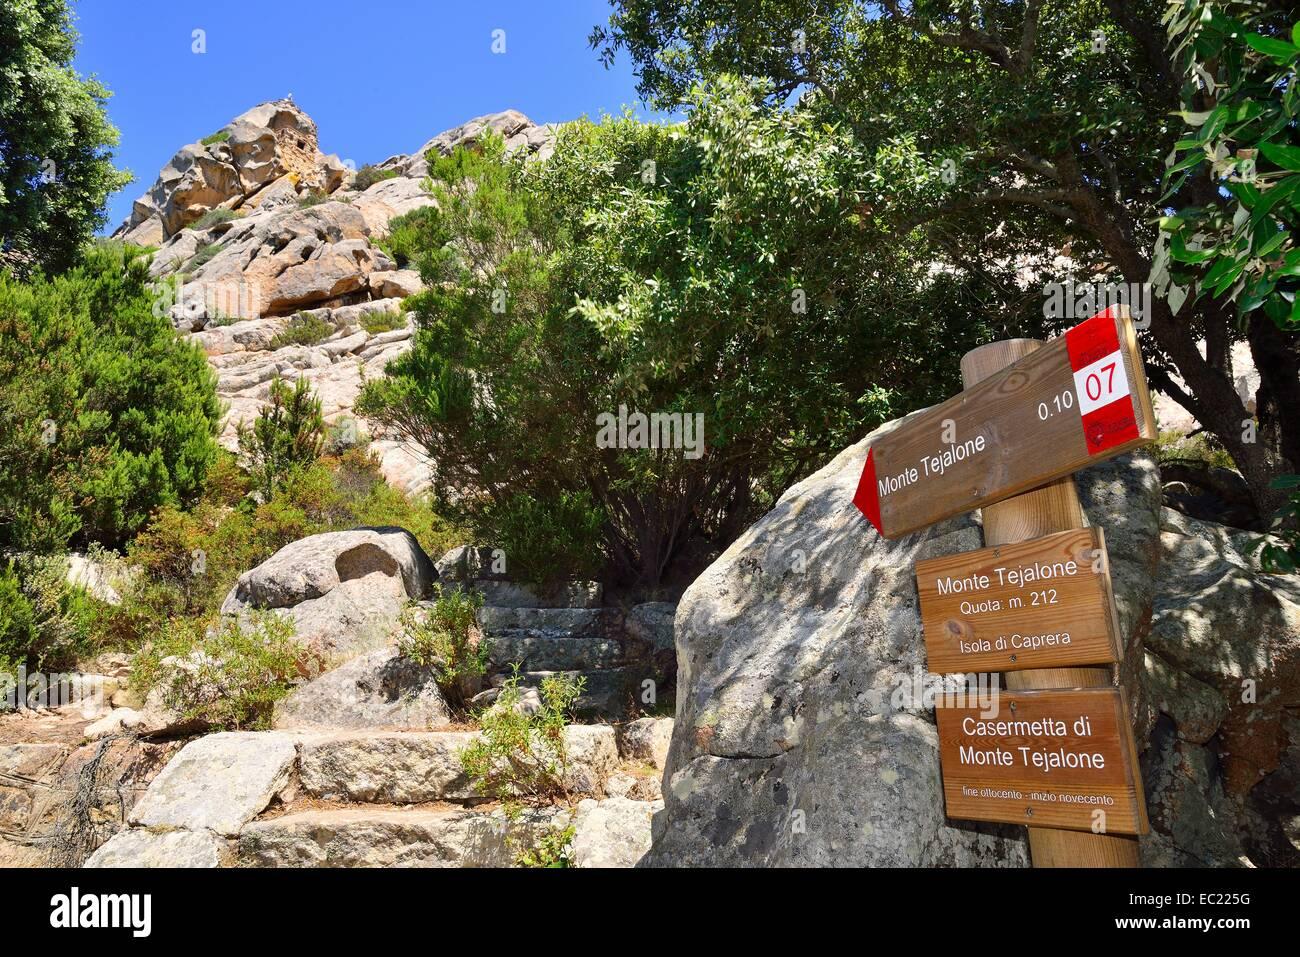 Guide to Monte Tejalone, Isola Caprera, Arcipelago di La Maddalena National Park, Sardinia, Italy - Stock Image